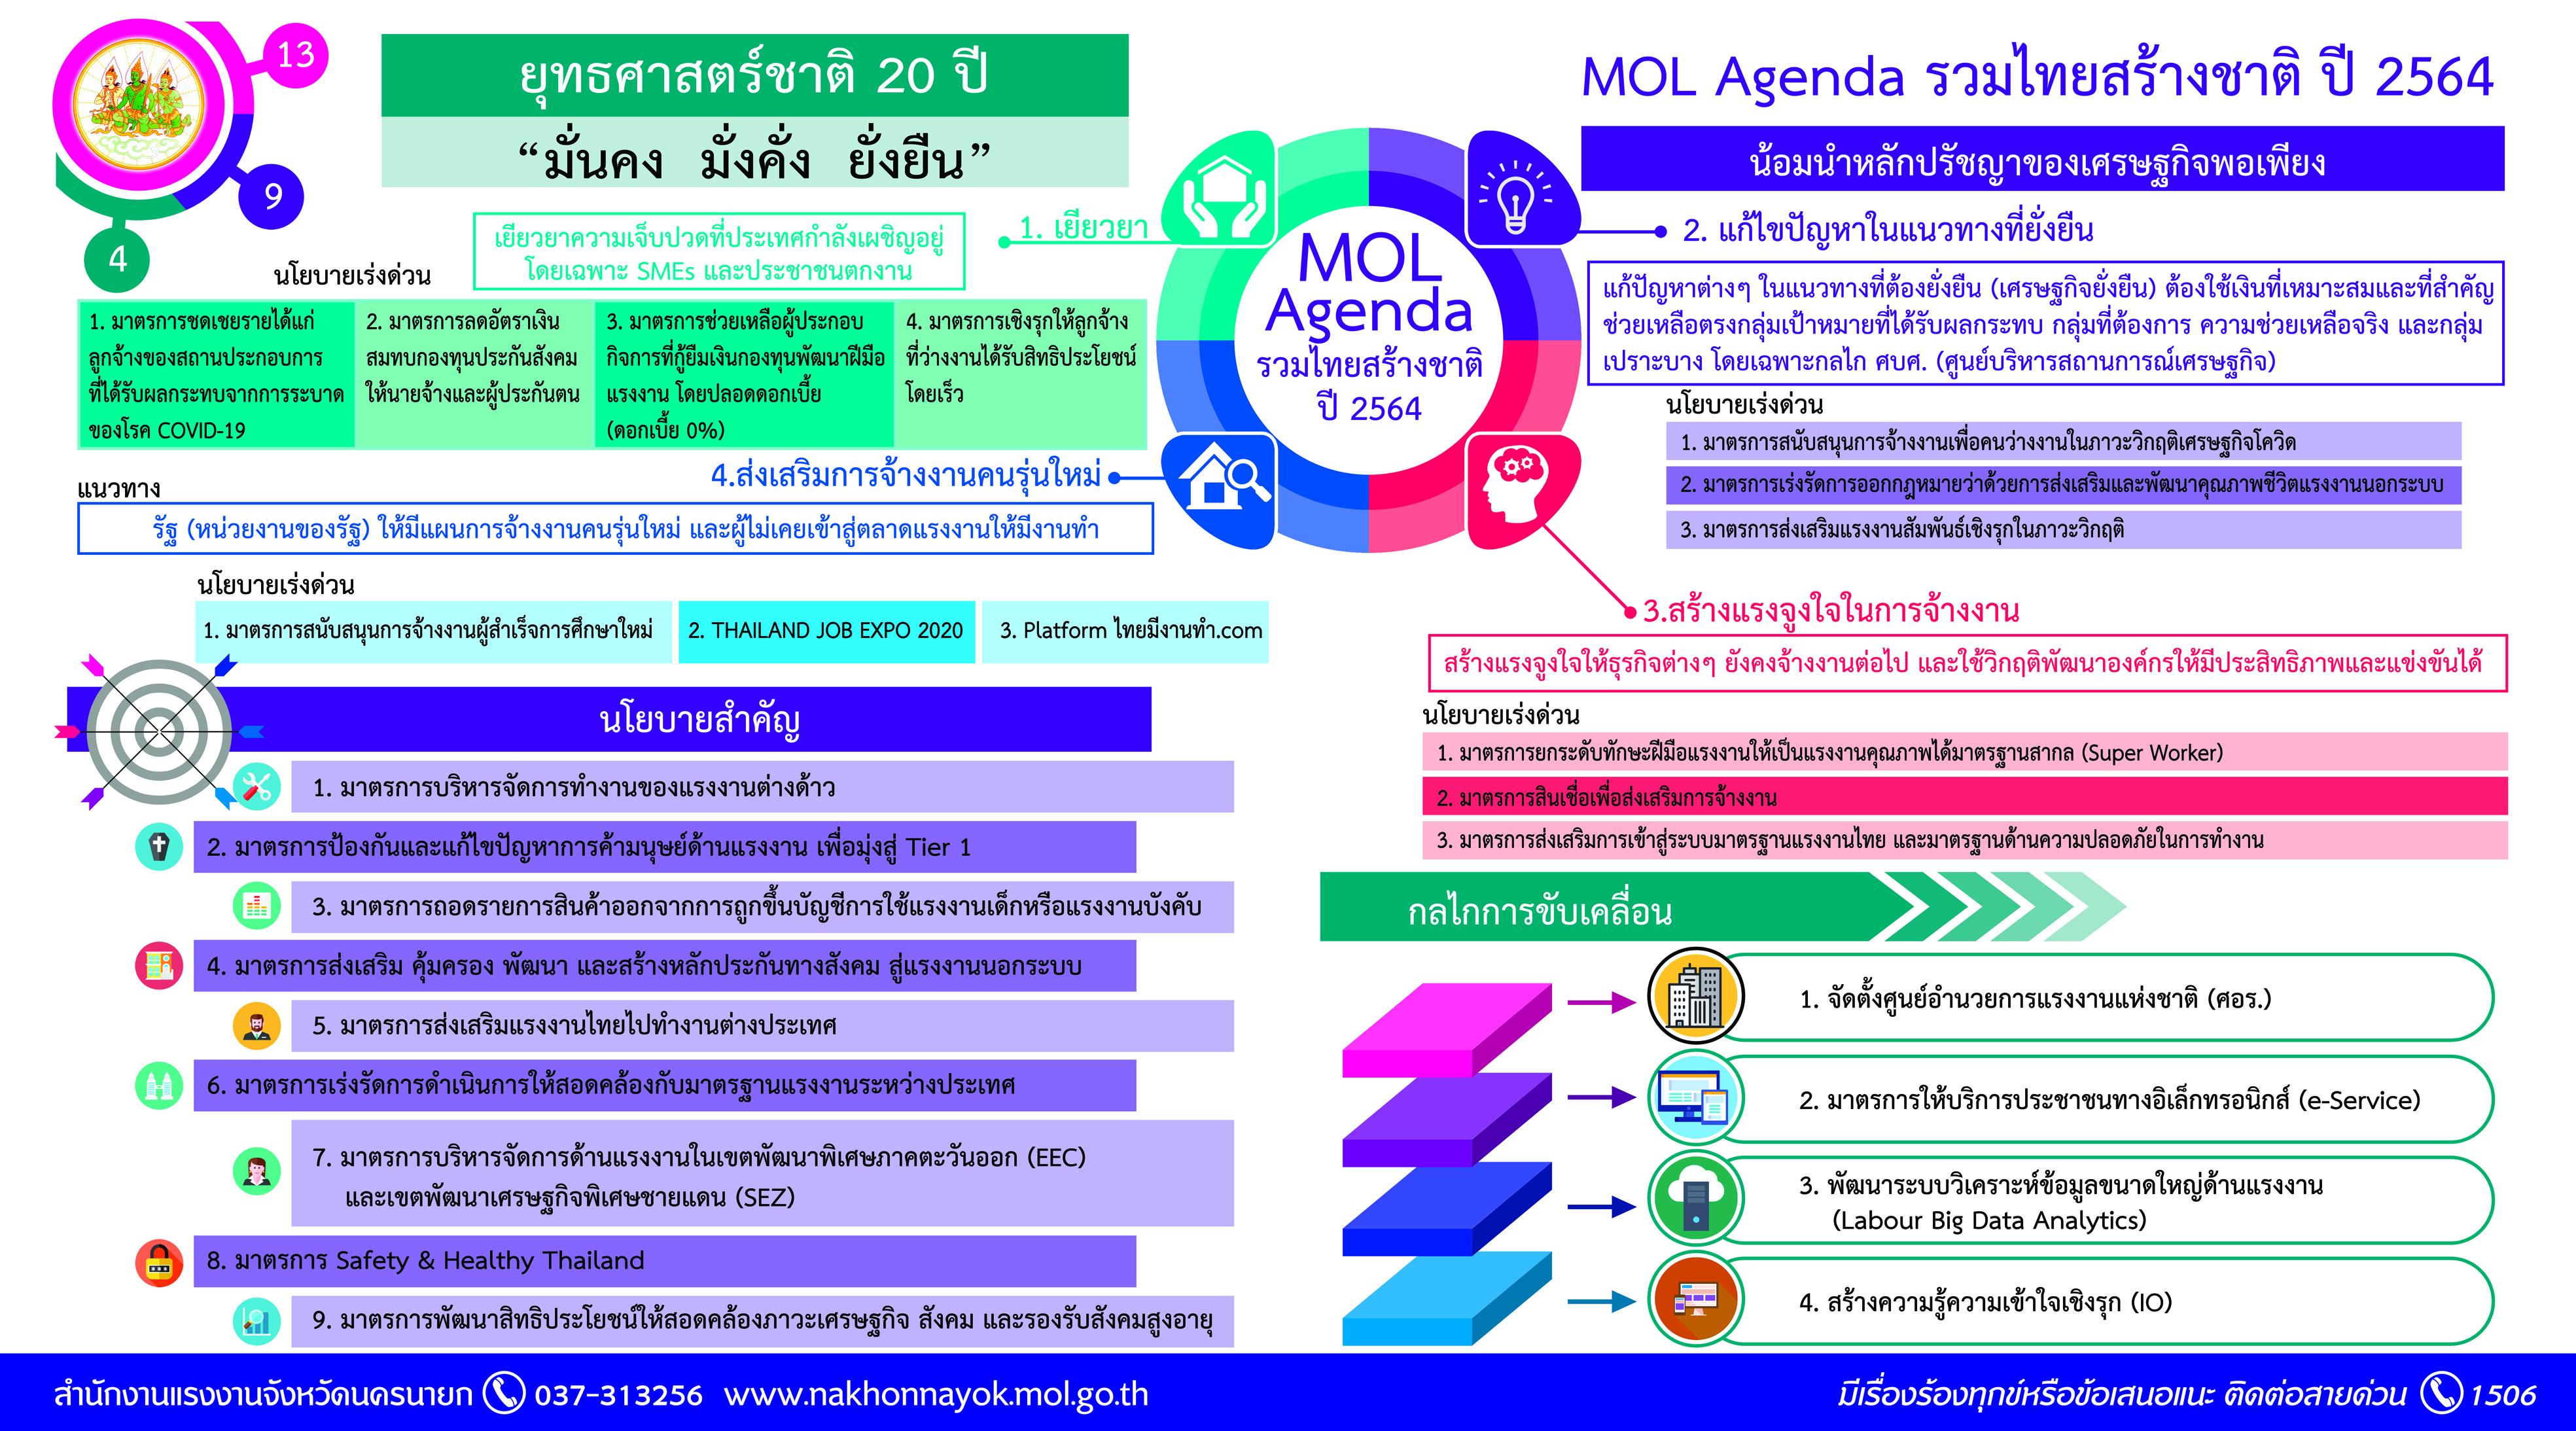 MOL Agenda รวมไทยสร้างชาติ ปี 2564